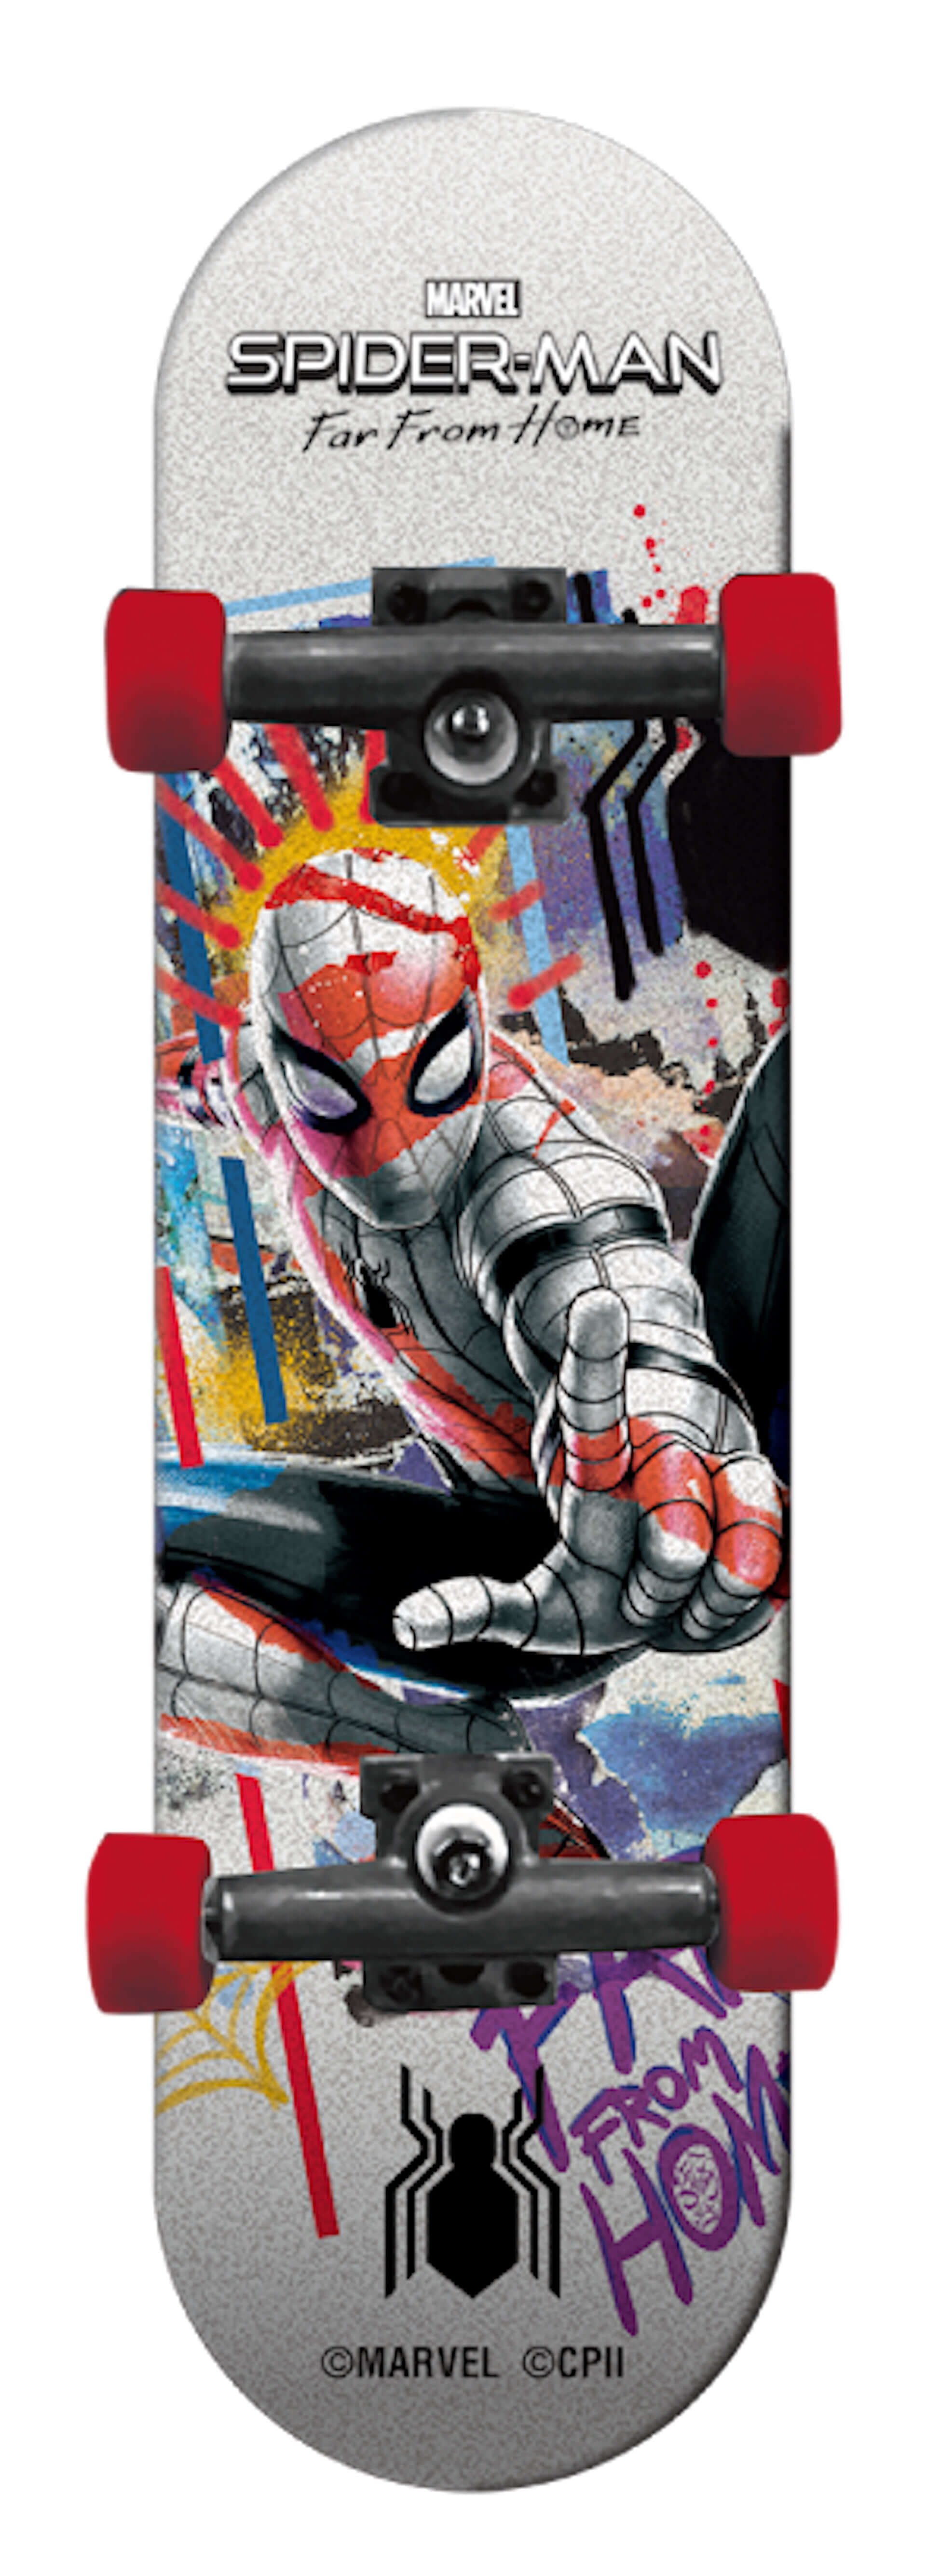 映画「スパイダーマン」最新作の超レアグッズが当たる!Happyくじ『スパイダーマン:ファー・フロム・ホーム』登場 art190628_spiderman_lot_23-1920x5342